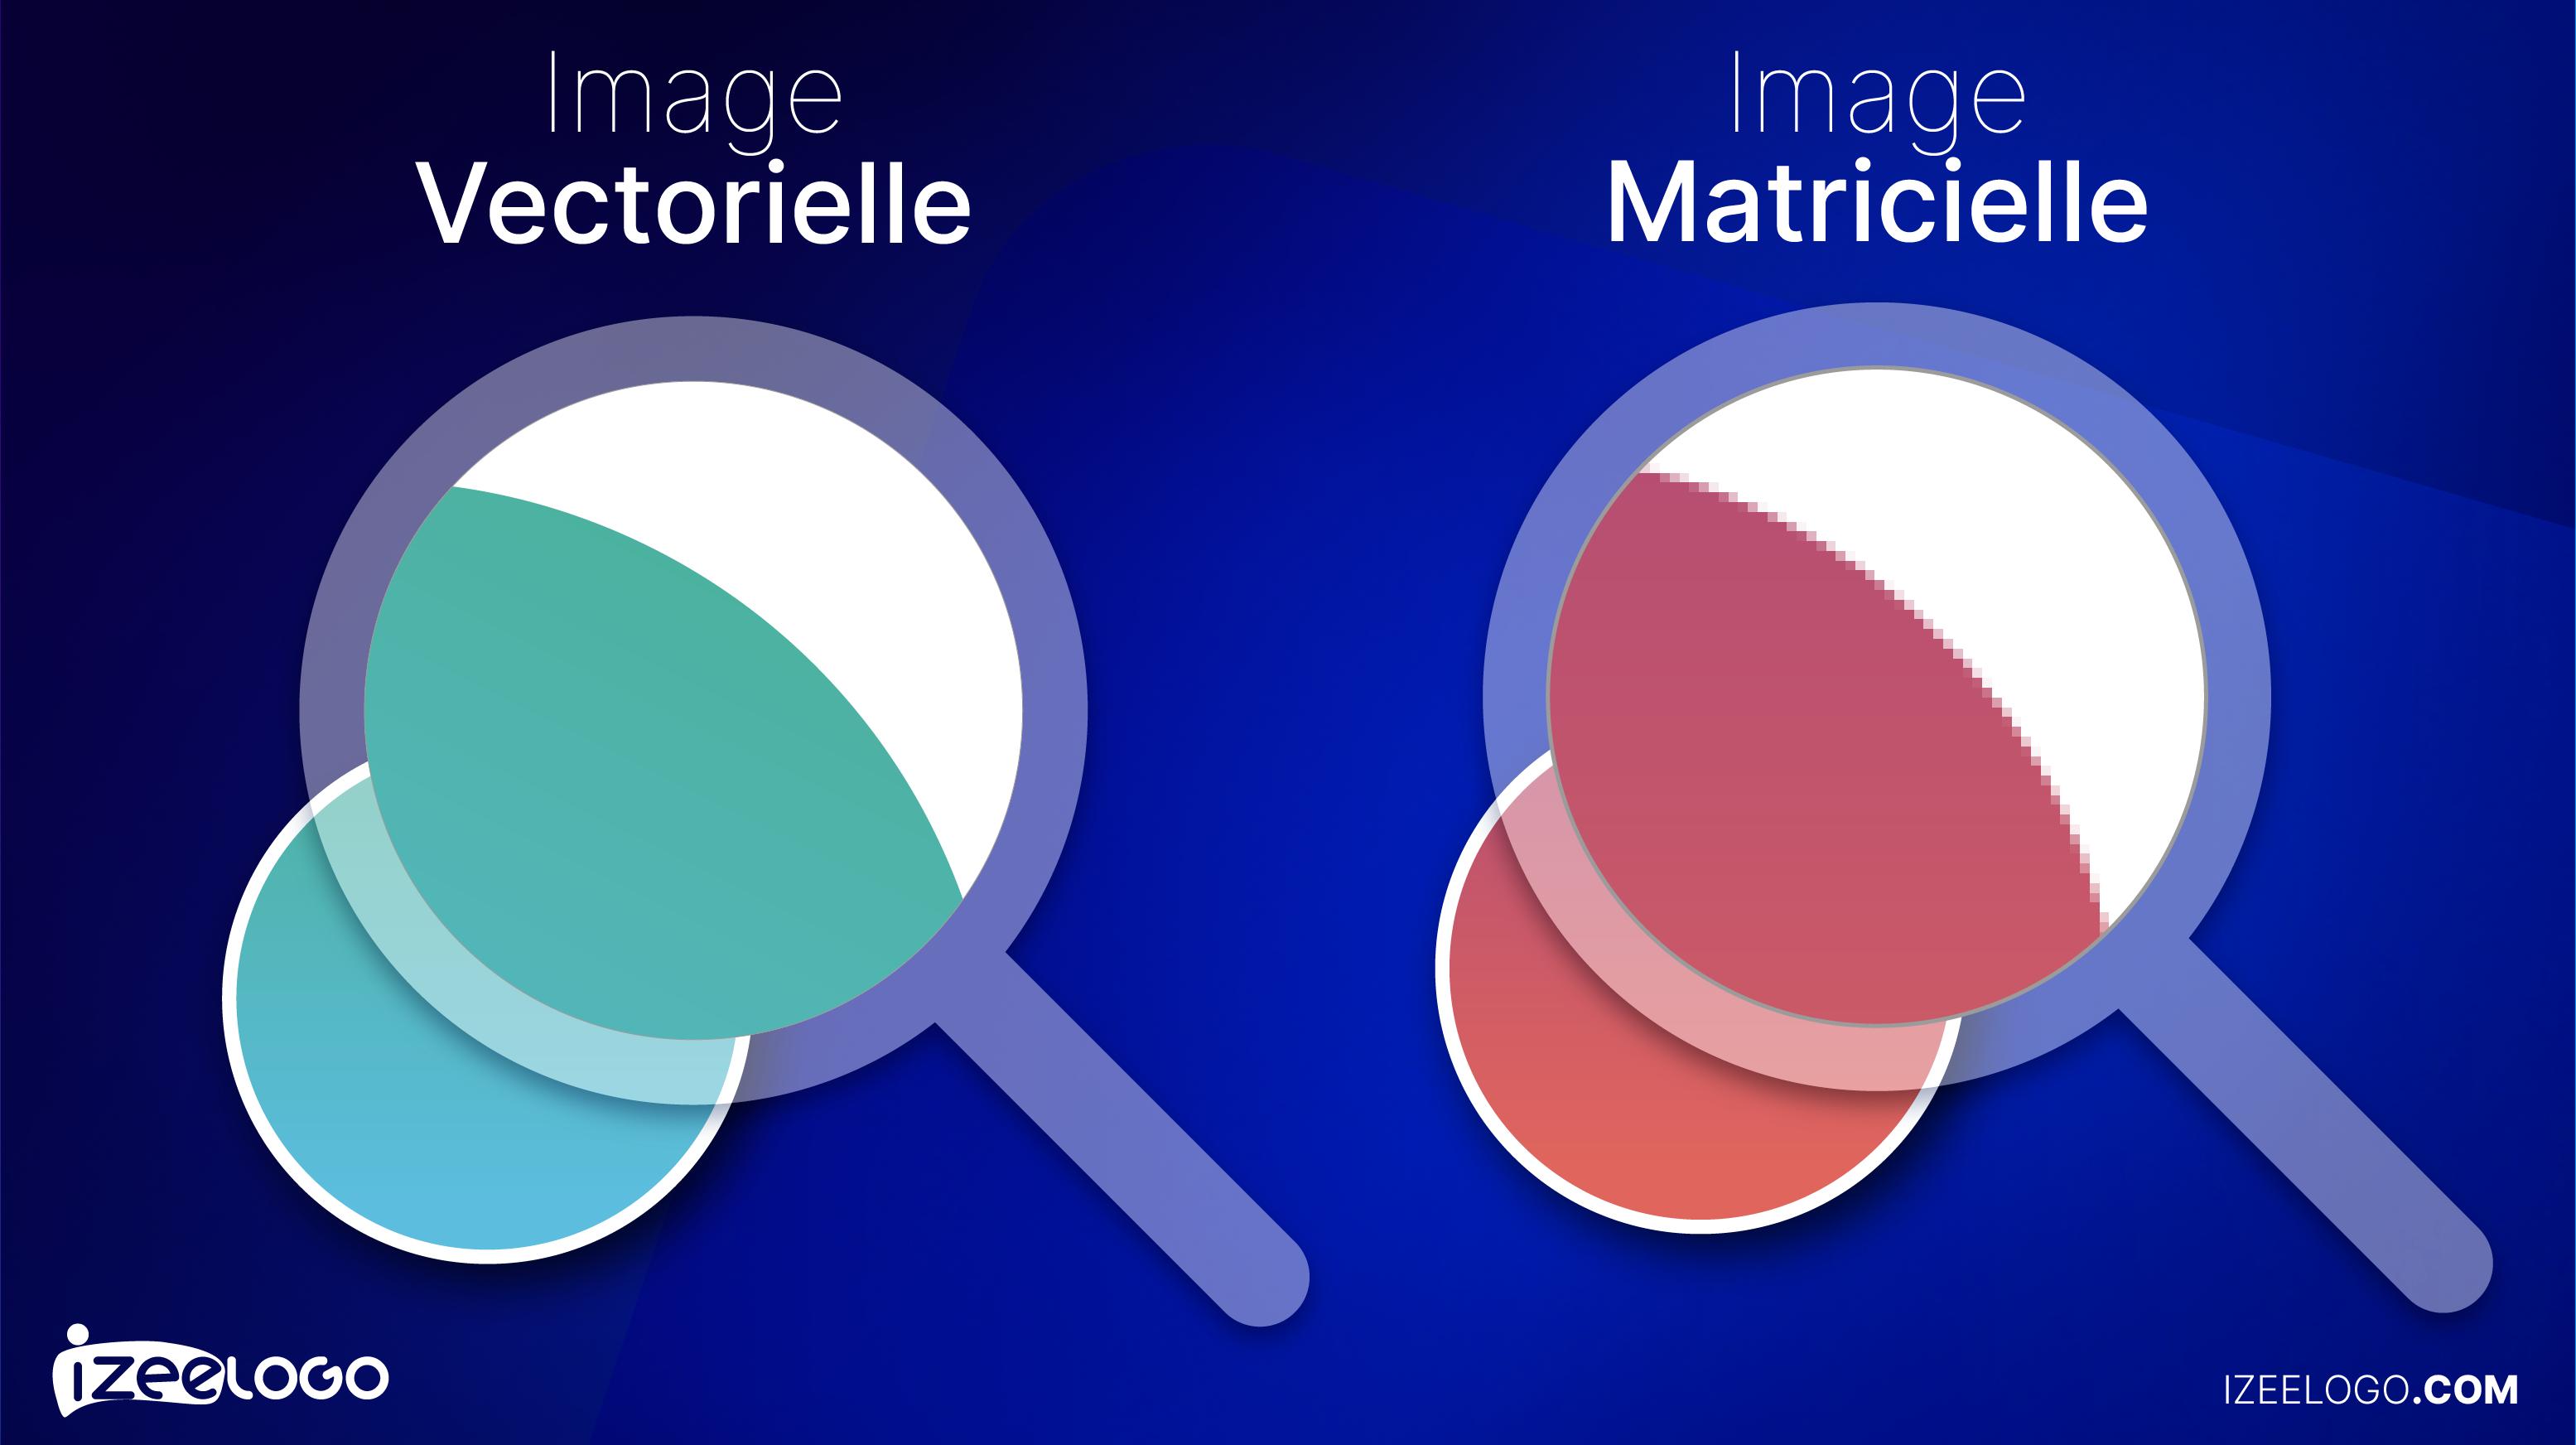 Voici une illustration pour faire la différence entre image vectorielle et image matricielle.